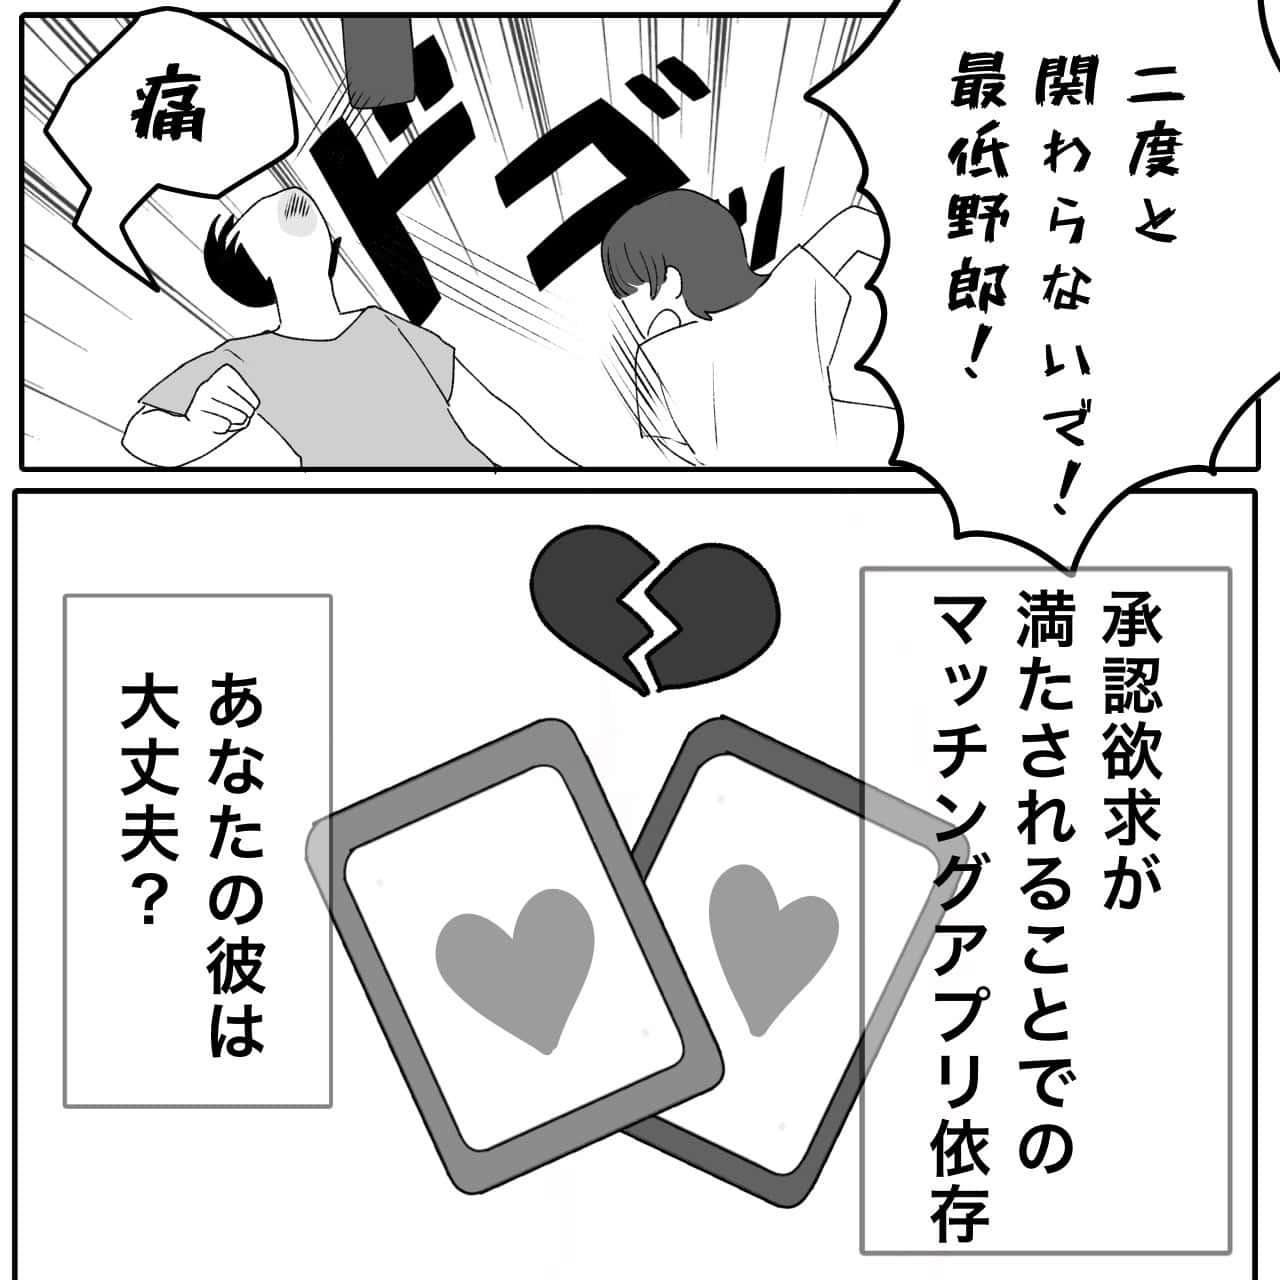 マッチングアプリ依存症12